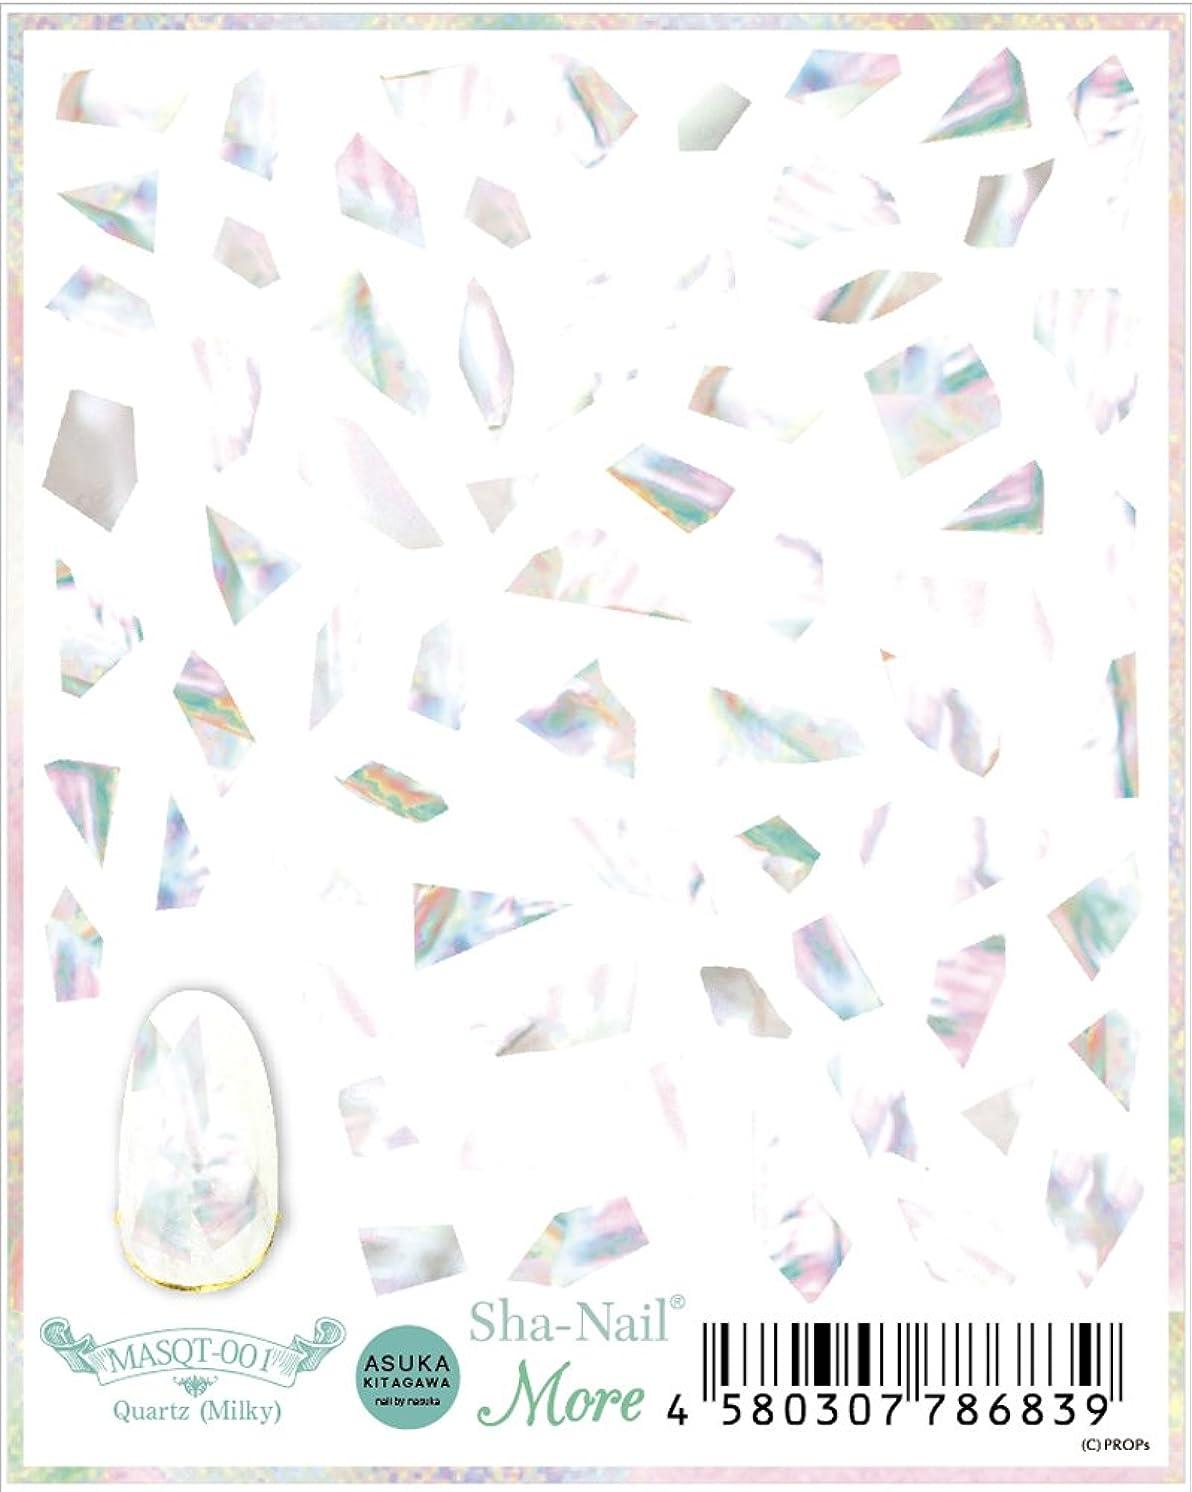 心臓やむを得ないマーベルSha-Nail More クォーツ(ミルキー)